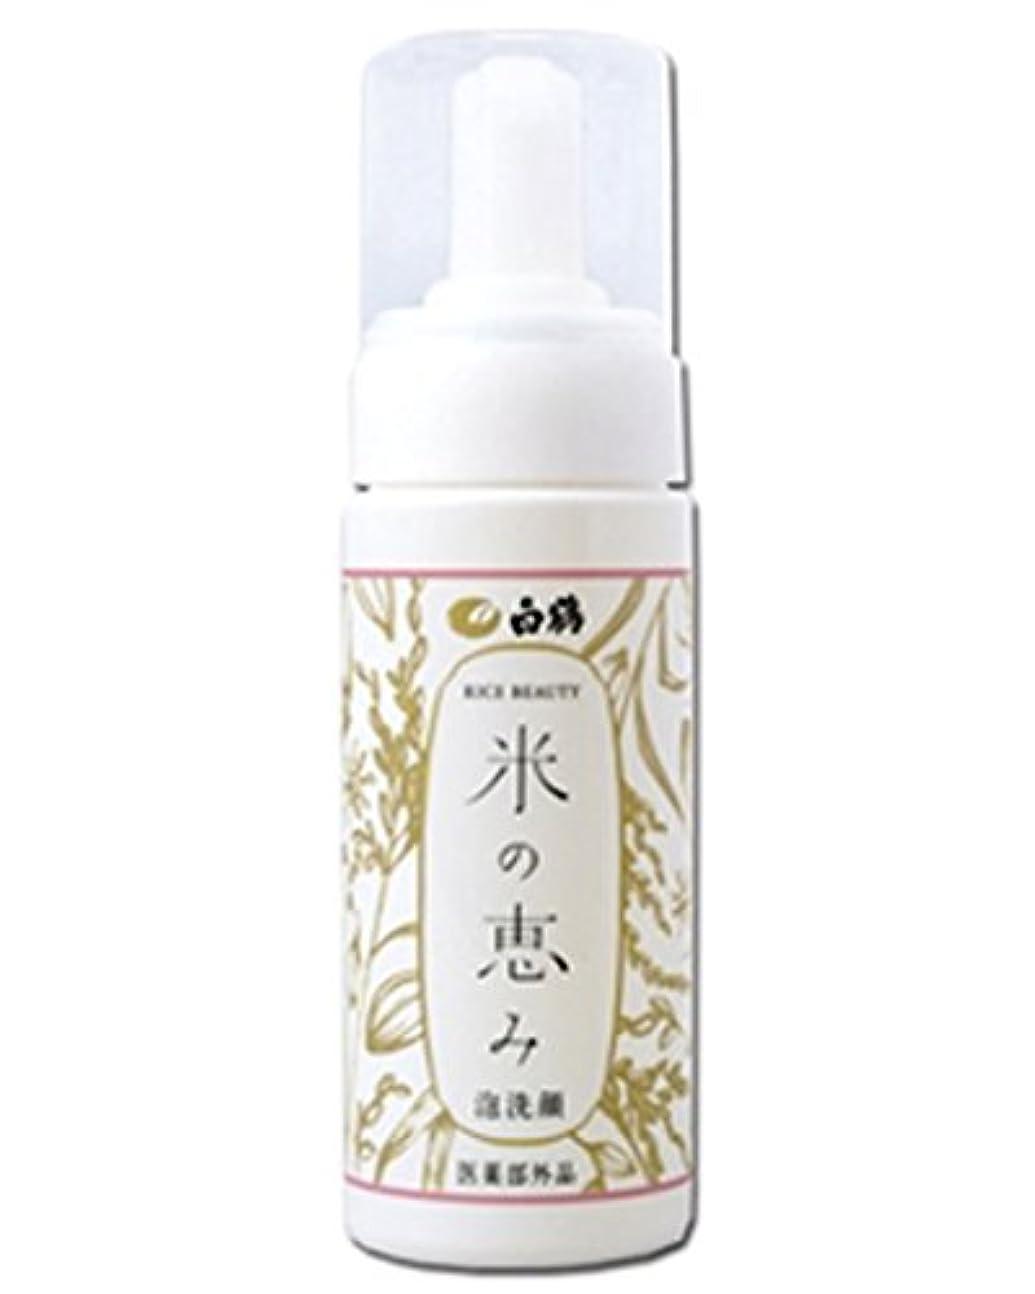 明日有害なカーフ白鶴 ライスビューティー 米の恵み 泡洗顔 150ml (医薬部外品)